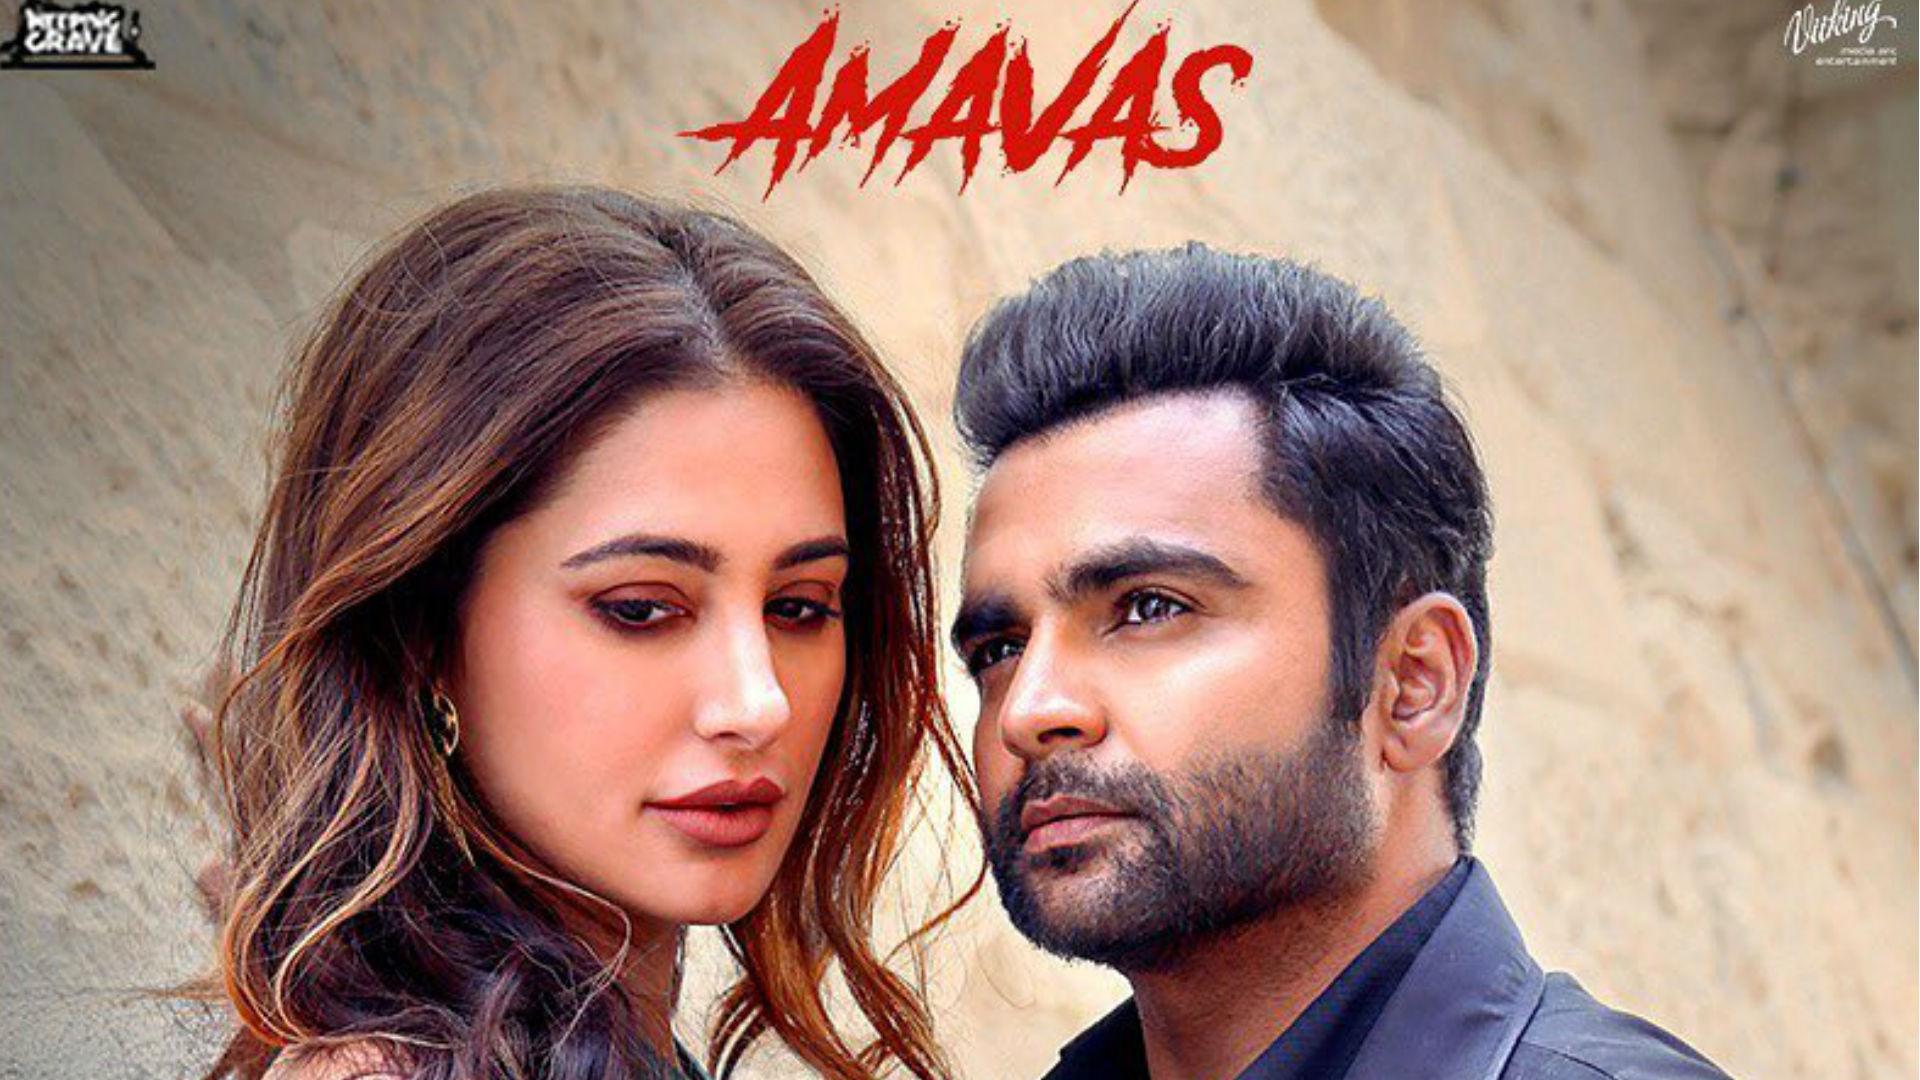 अमावस फिल्म रिव्यूः दर्शकों को डराने में नाकाम रही सचिन जोशी और नरगिस फाखरी की ये फिल्म